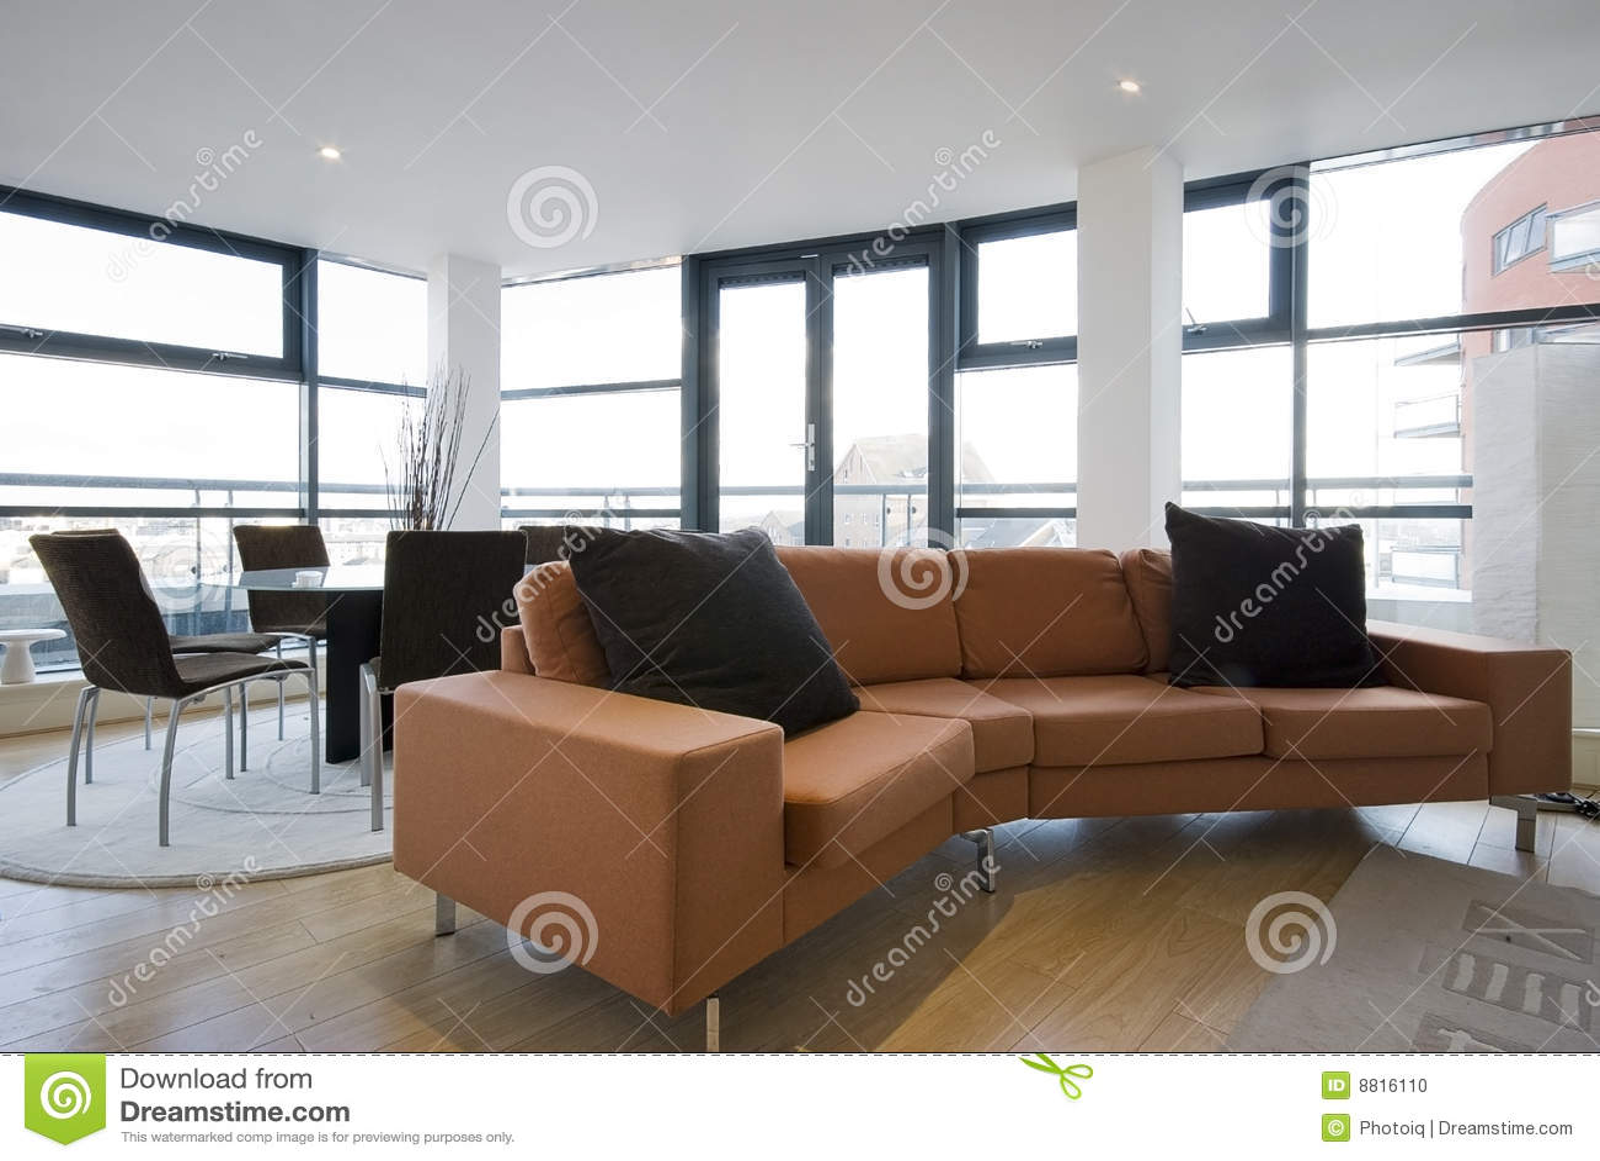 wohnzimmer orange couch